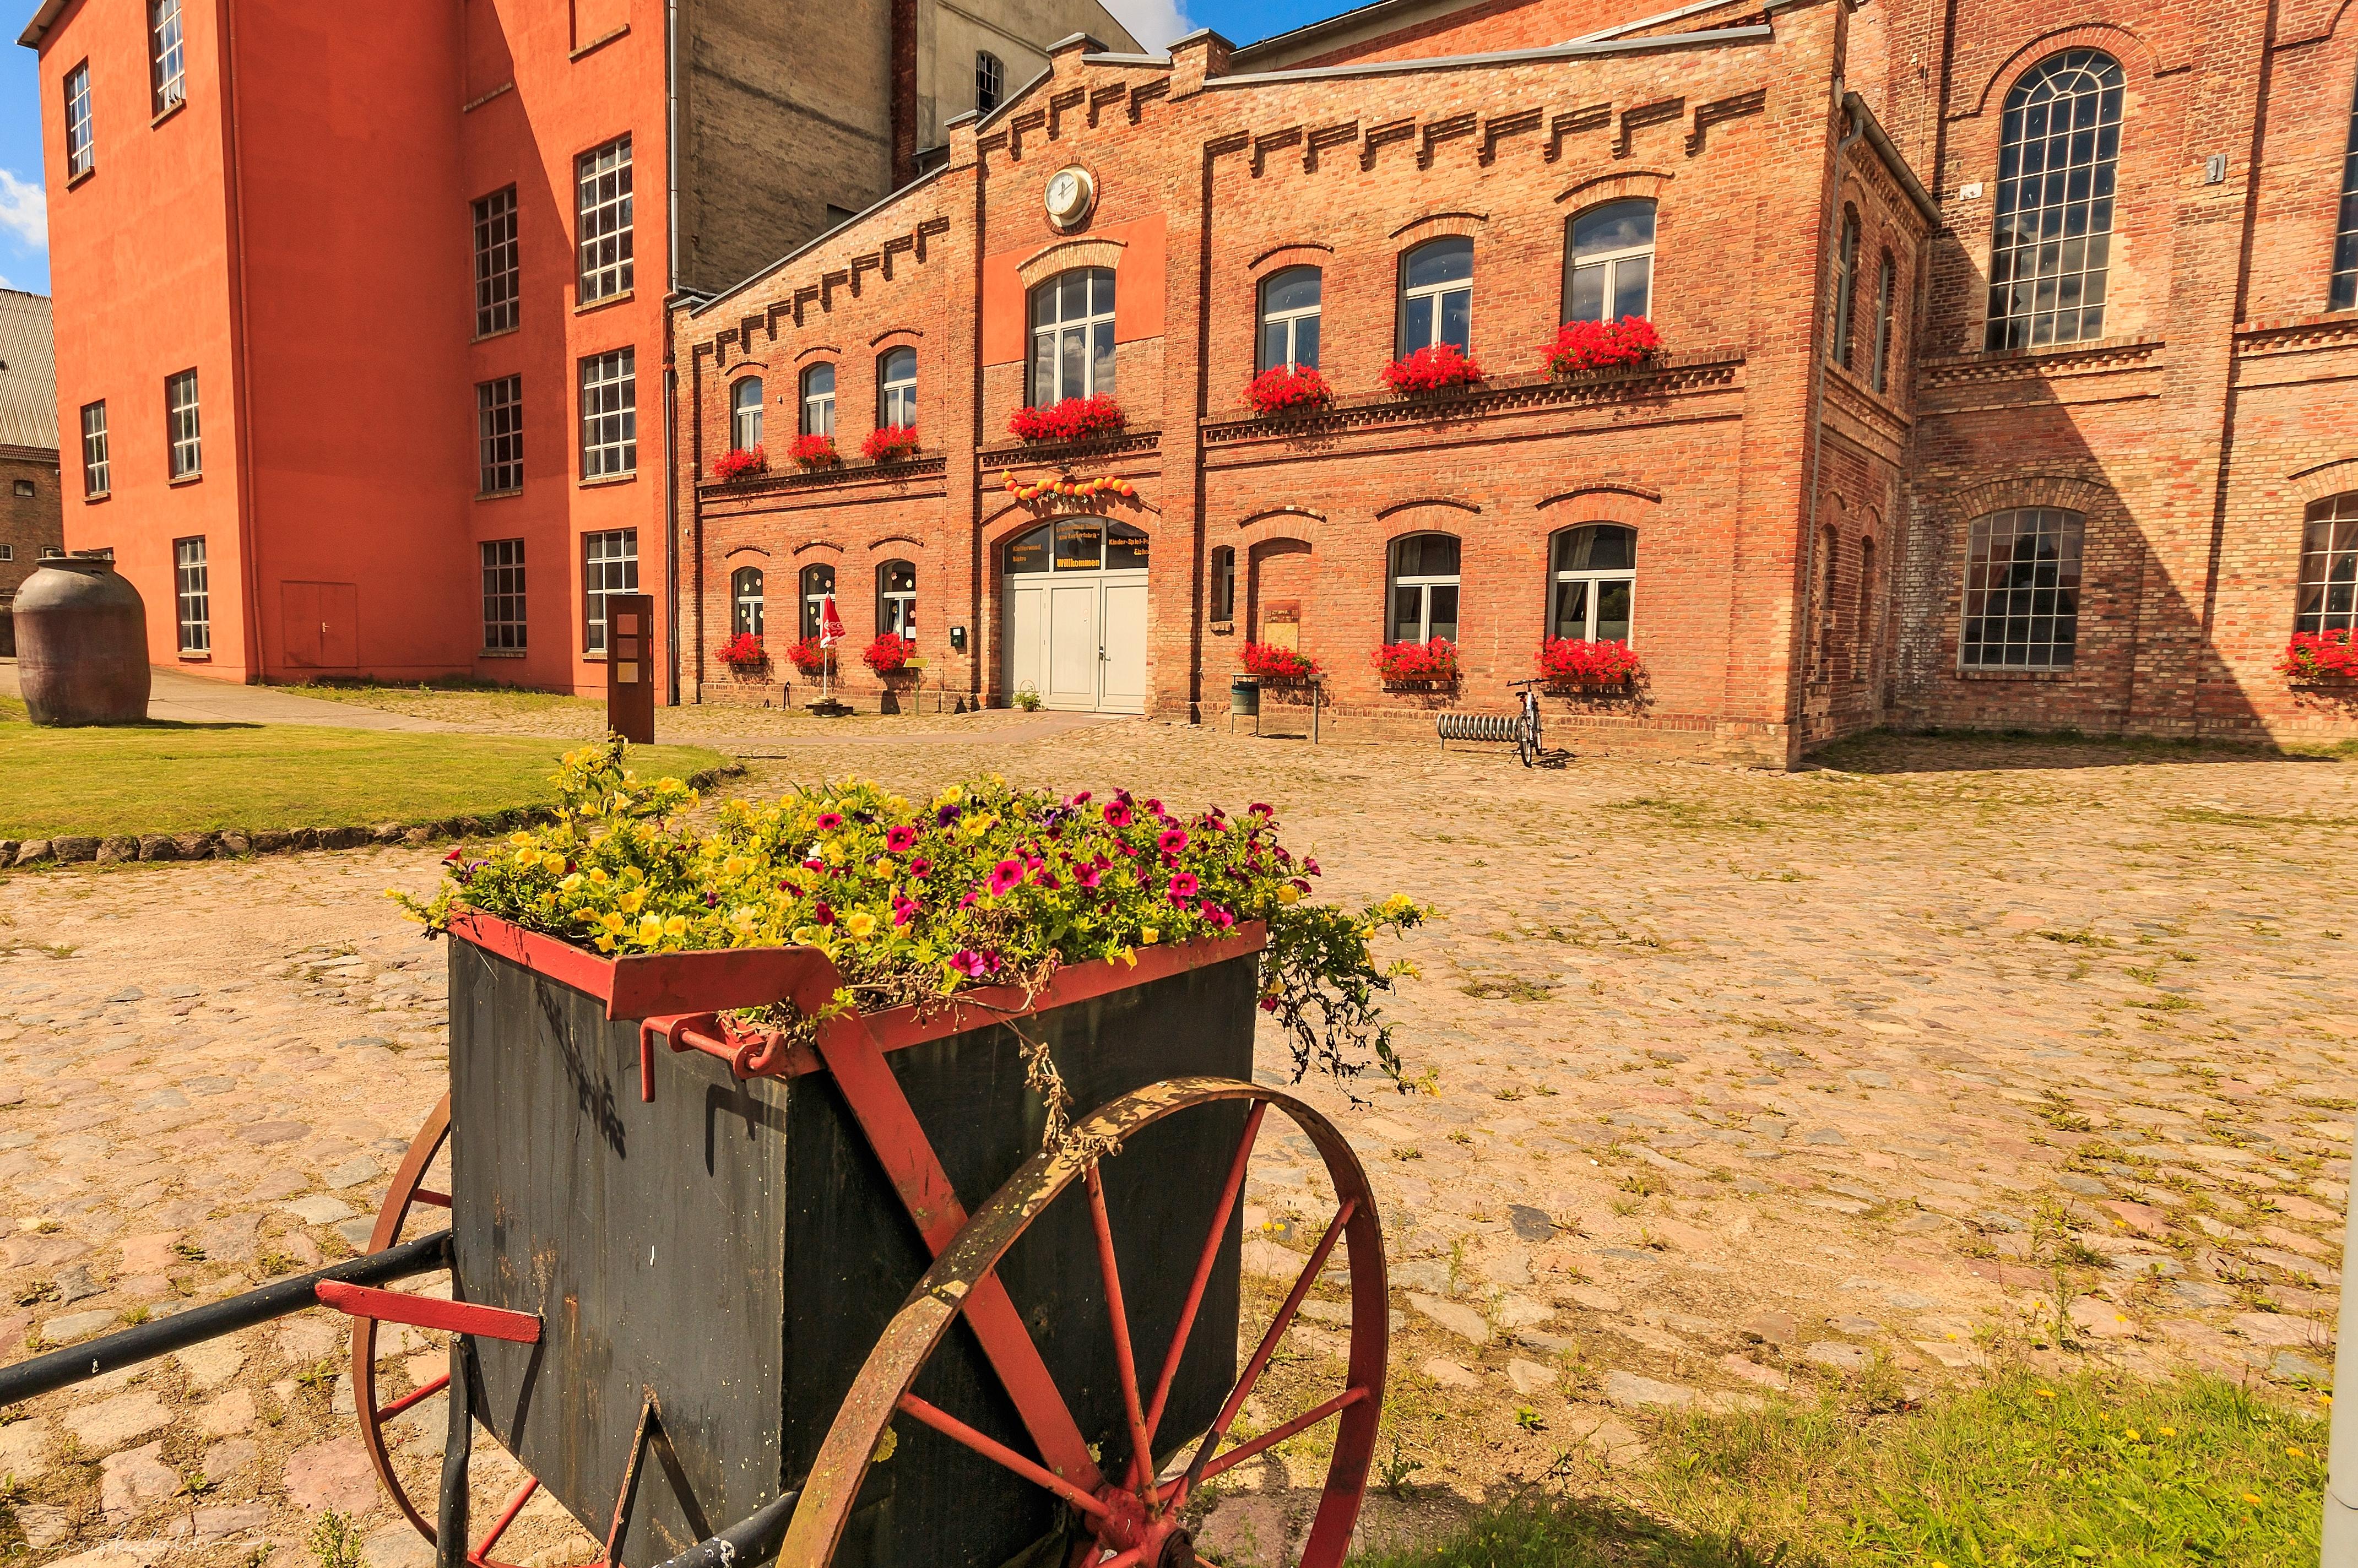 Alte-Zuckerfabrik-Vorderseite-2-Blumenwagen-